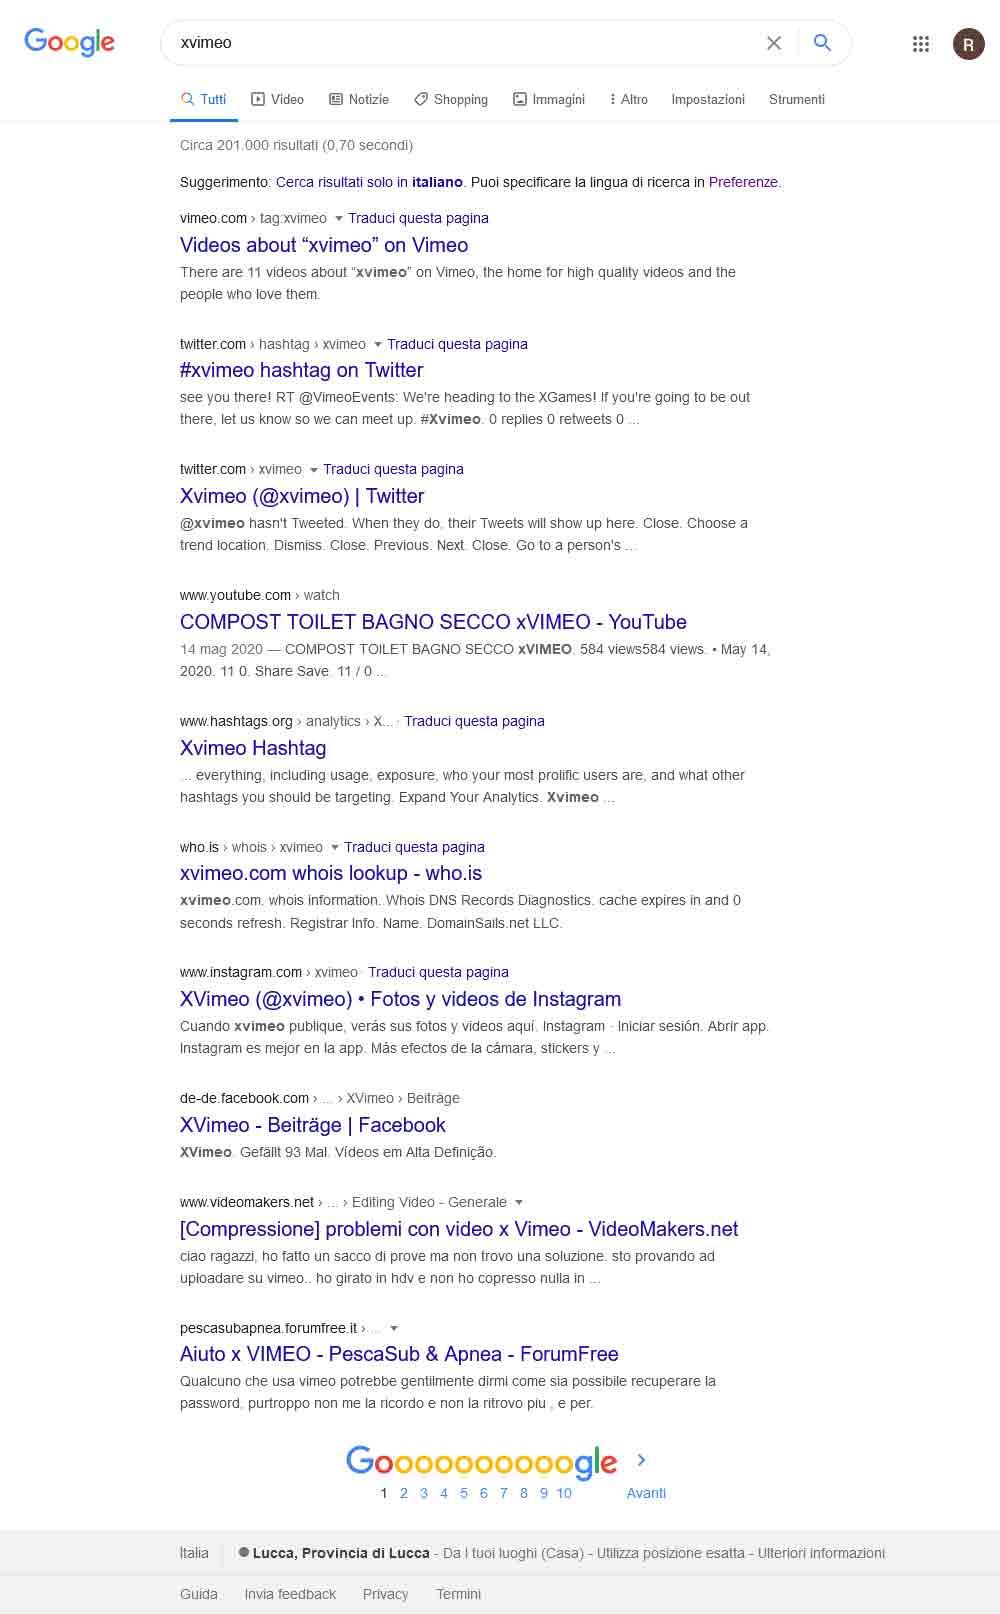 serp su google della query xvimeo